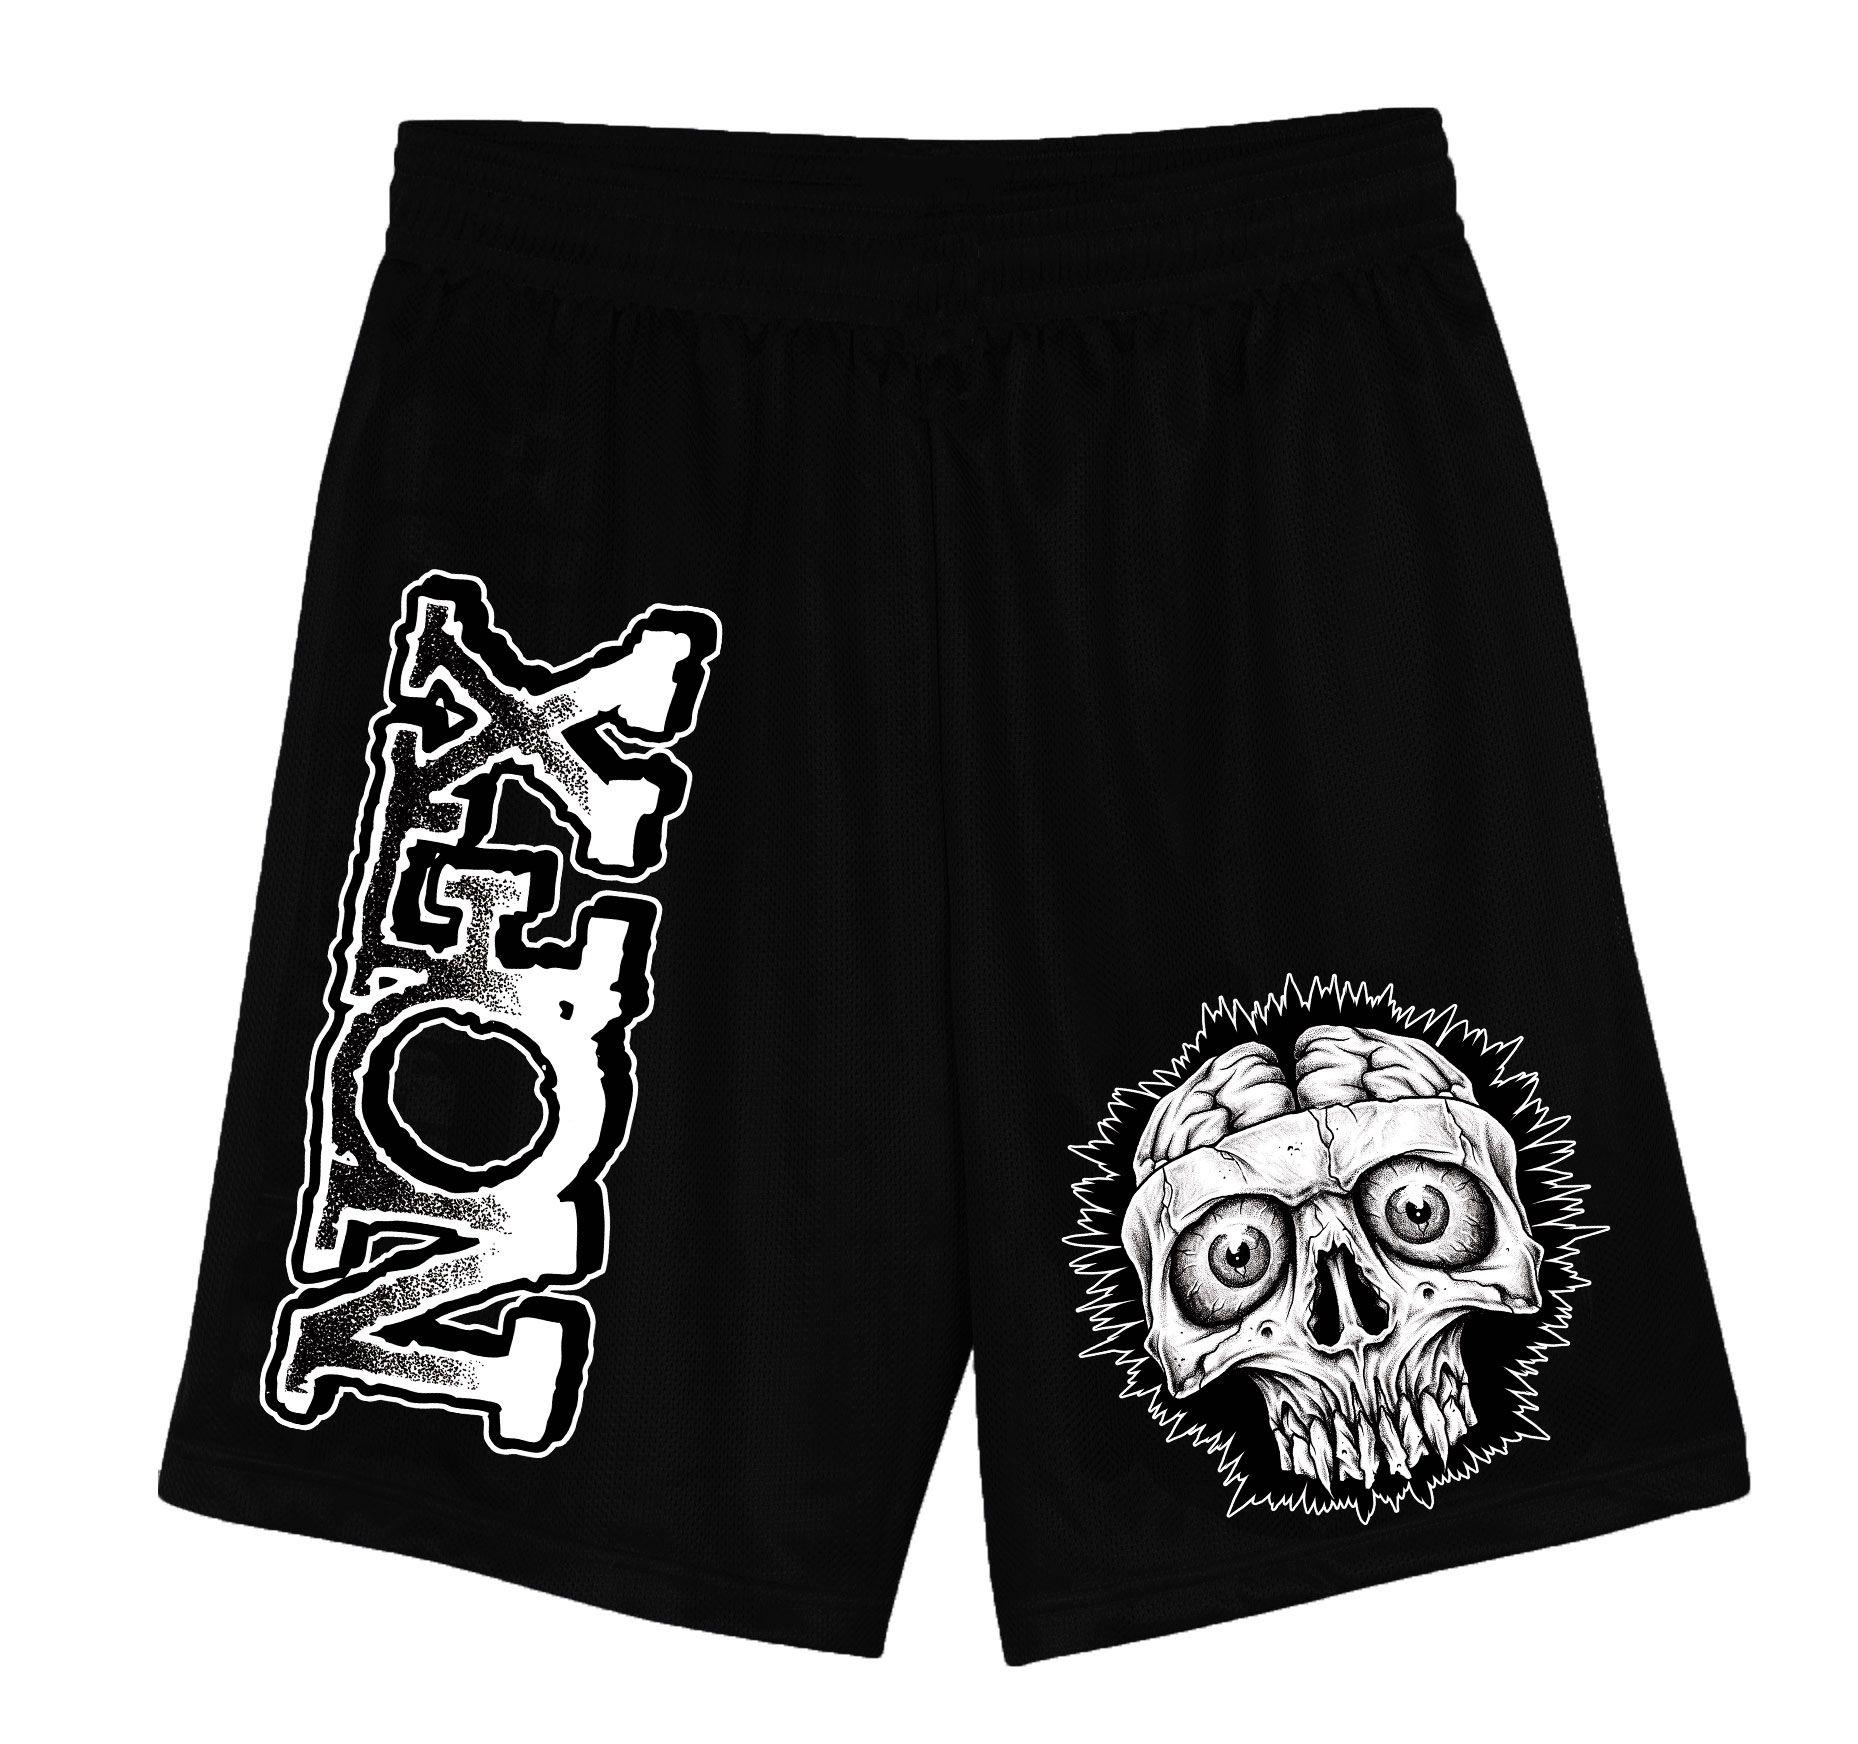 NOFX - Skull [Bermuda]